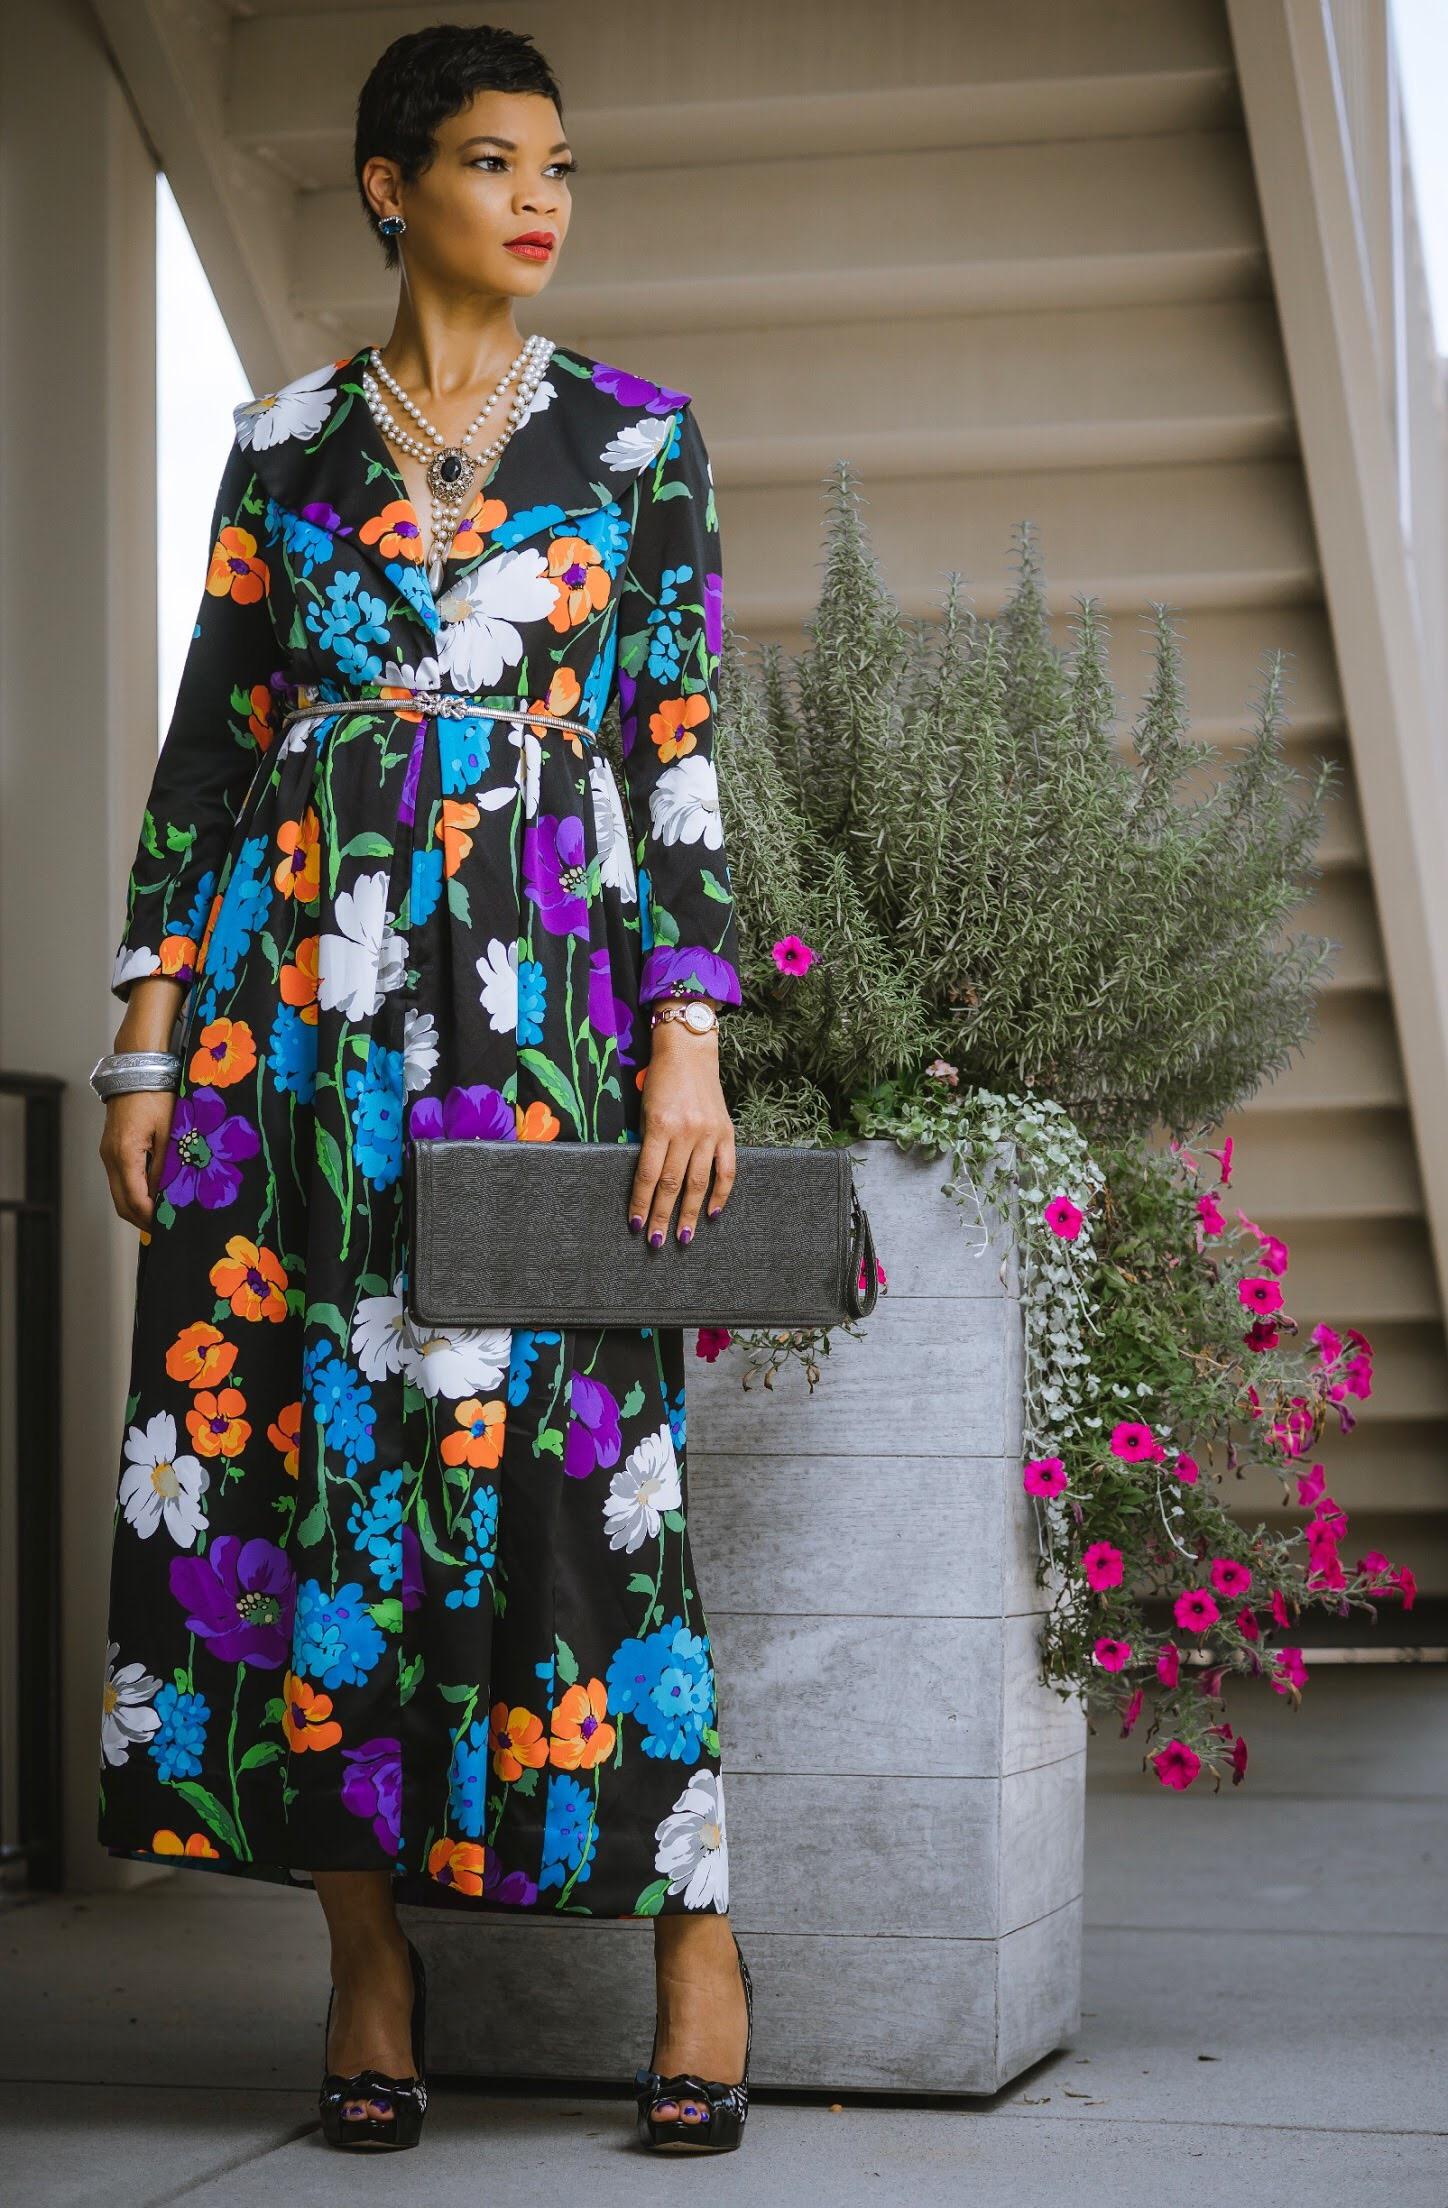 Credits: Photography Bluz Visuals. Dress Moon Bloem.